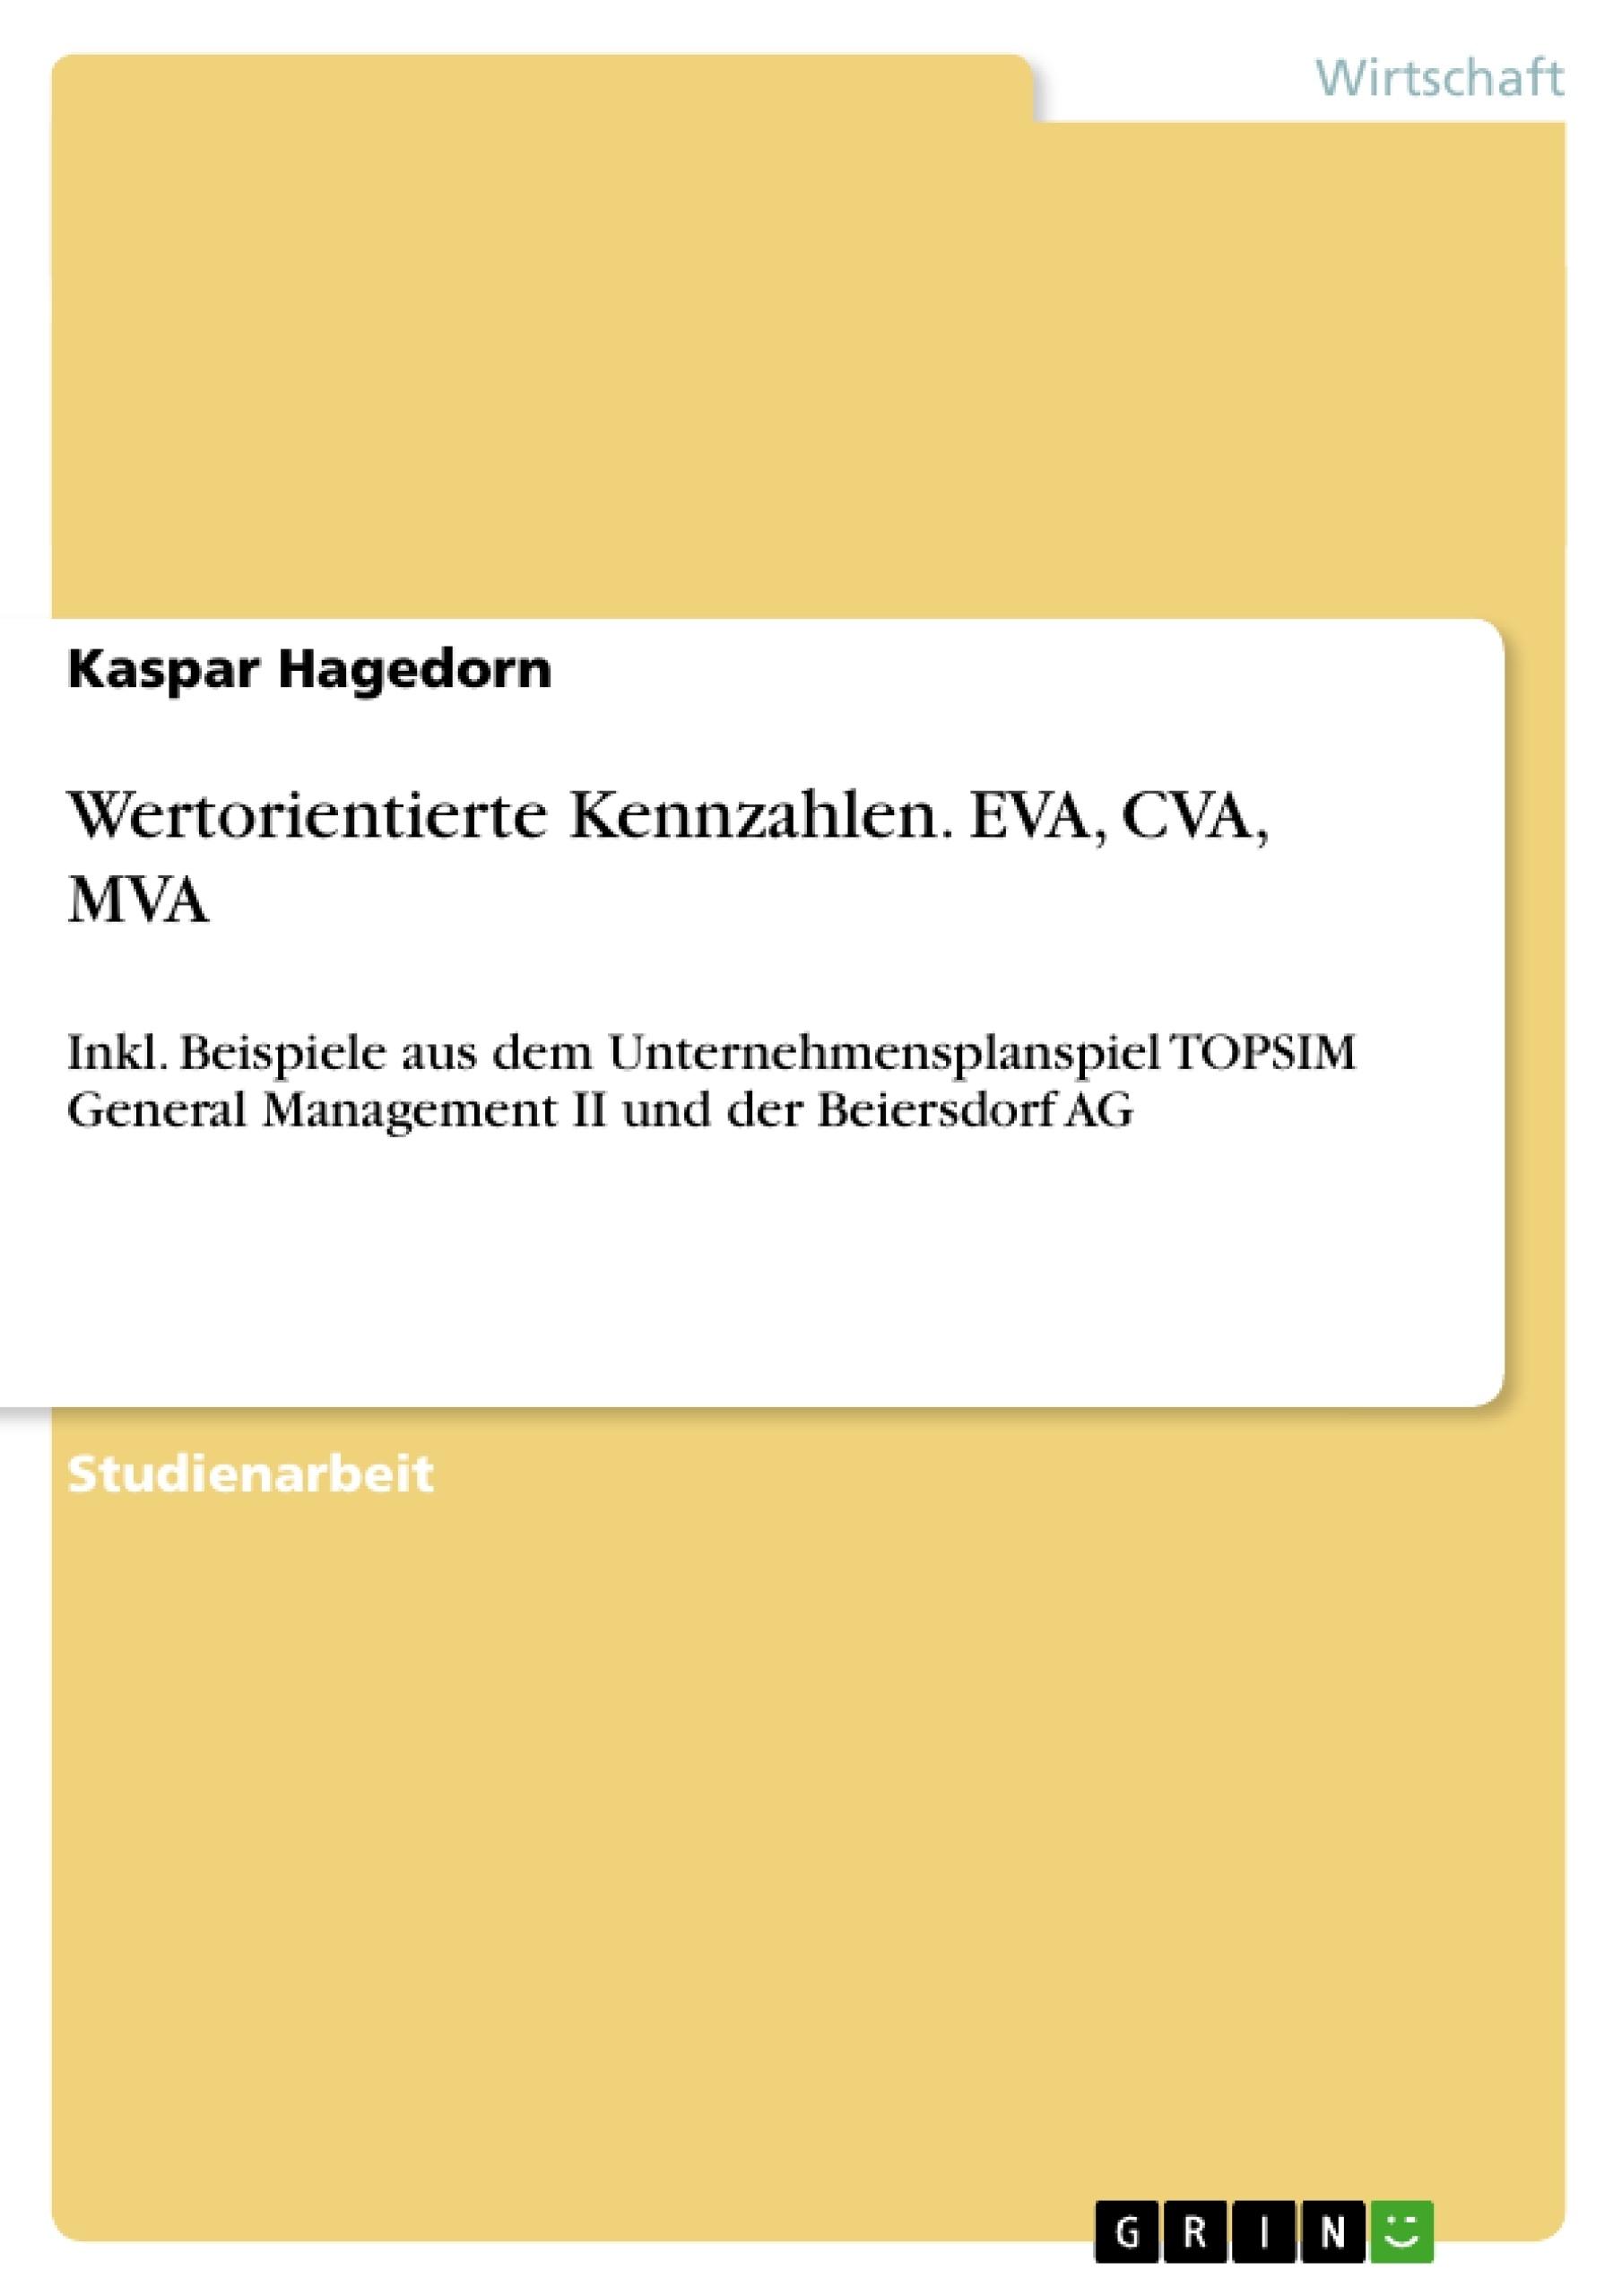 Titel: Wertorientierte Kennzahlen. EVA, CVA, MVA